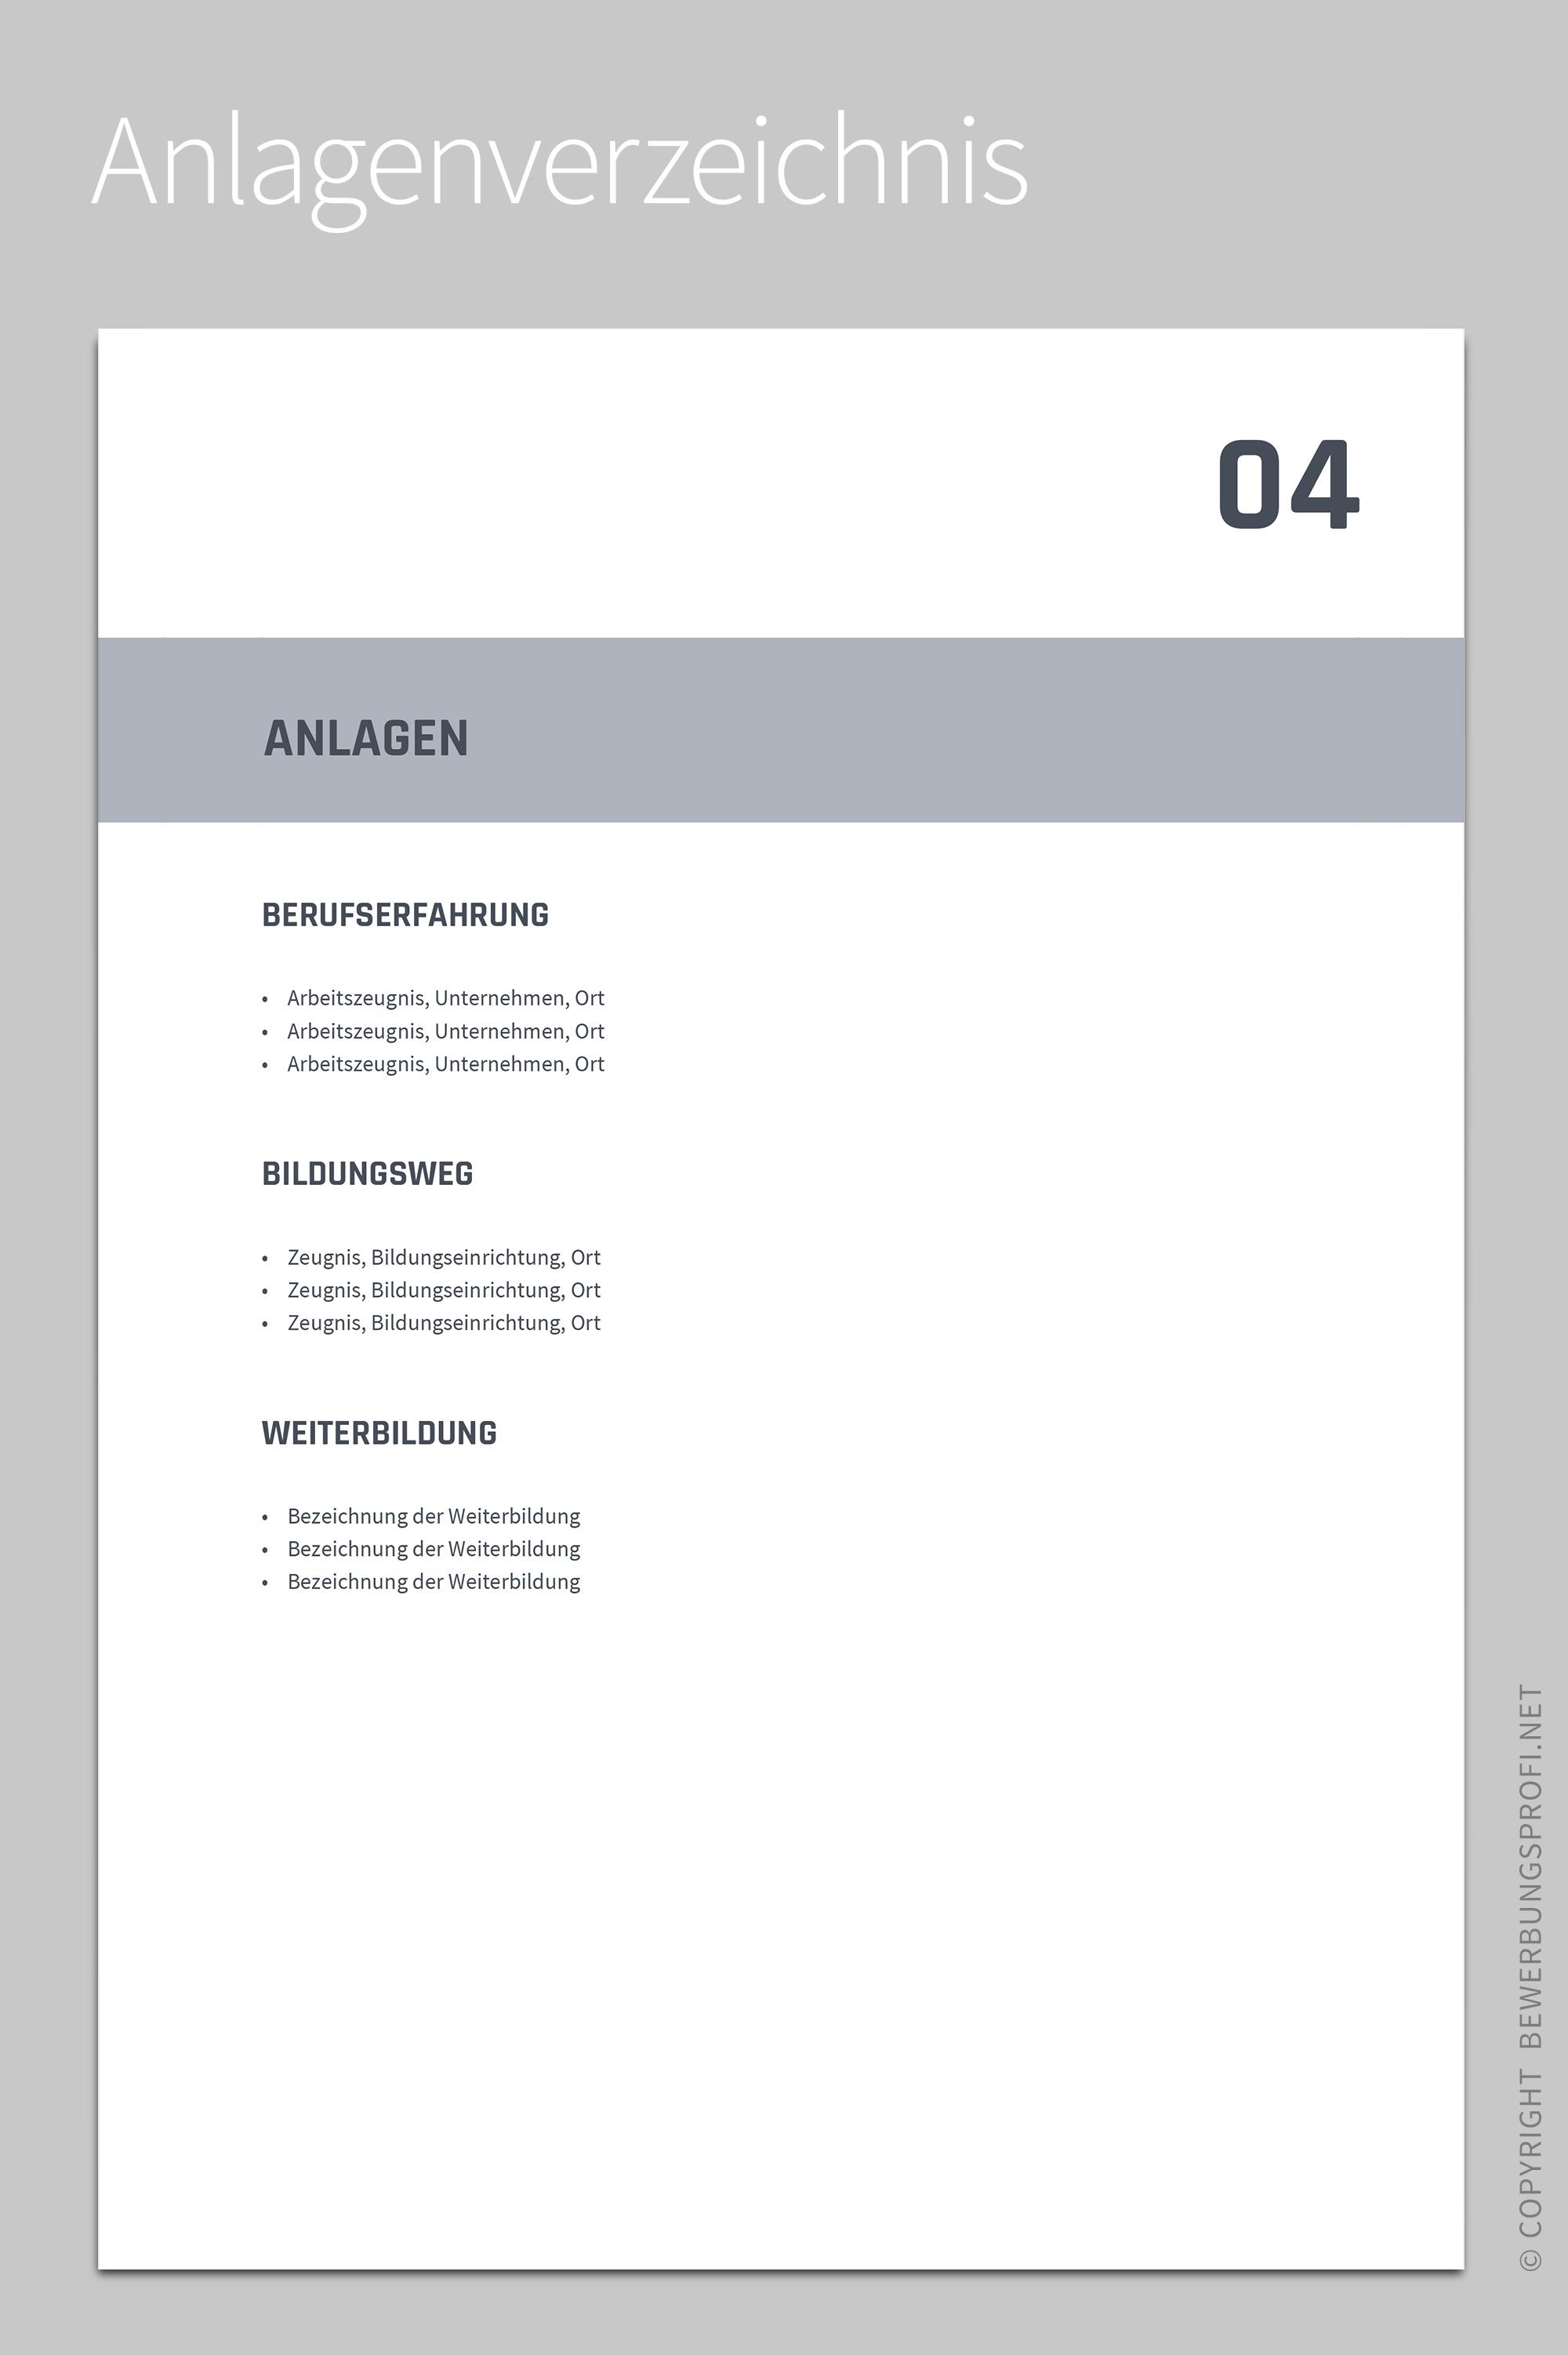 Anlagenverzeichnis Titanus